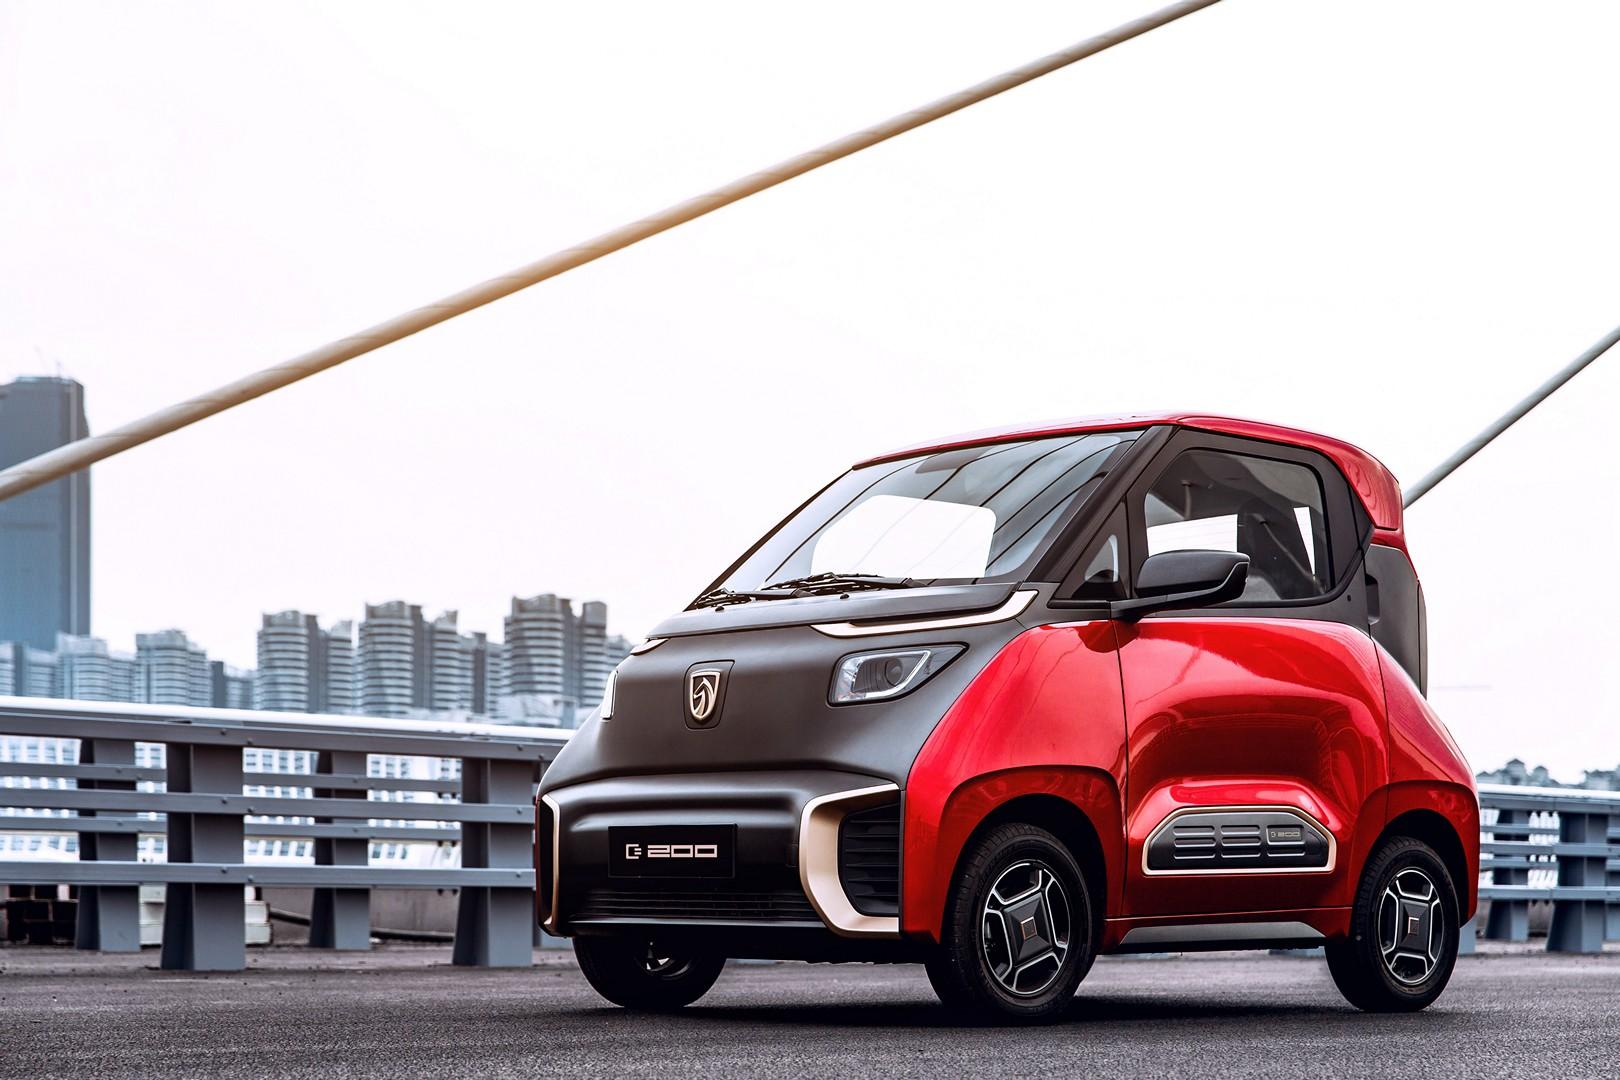 Daftar Mobil Listrik Termurah Di Bumi Cocok Untuk Indonesia